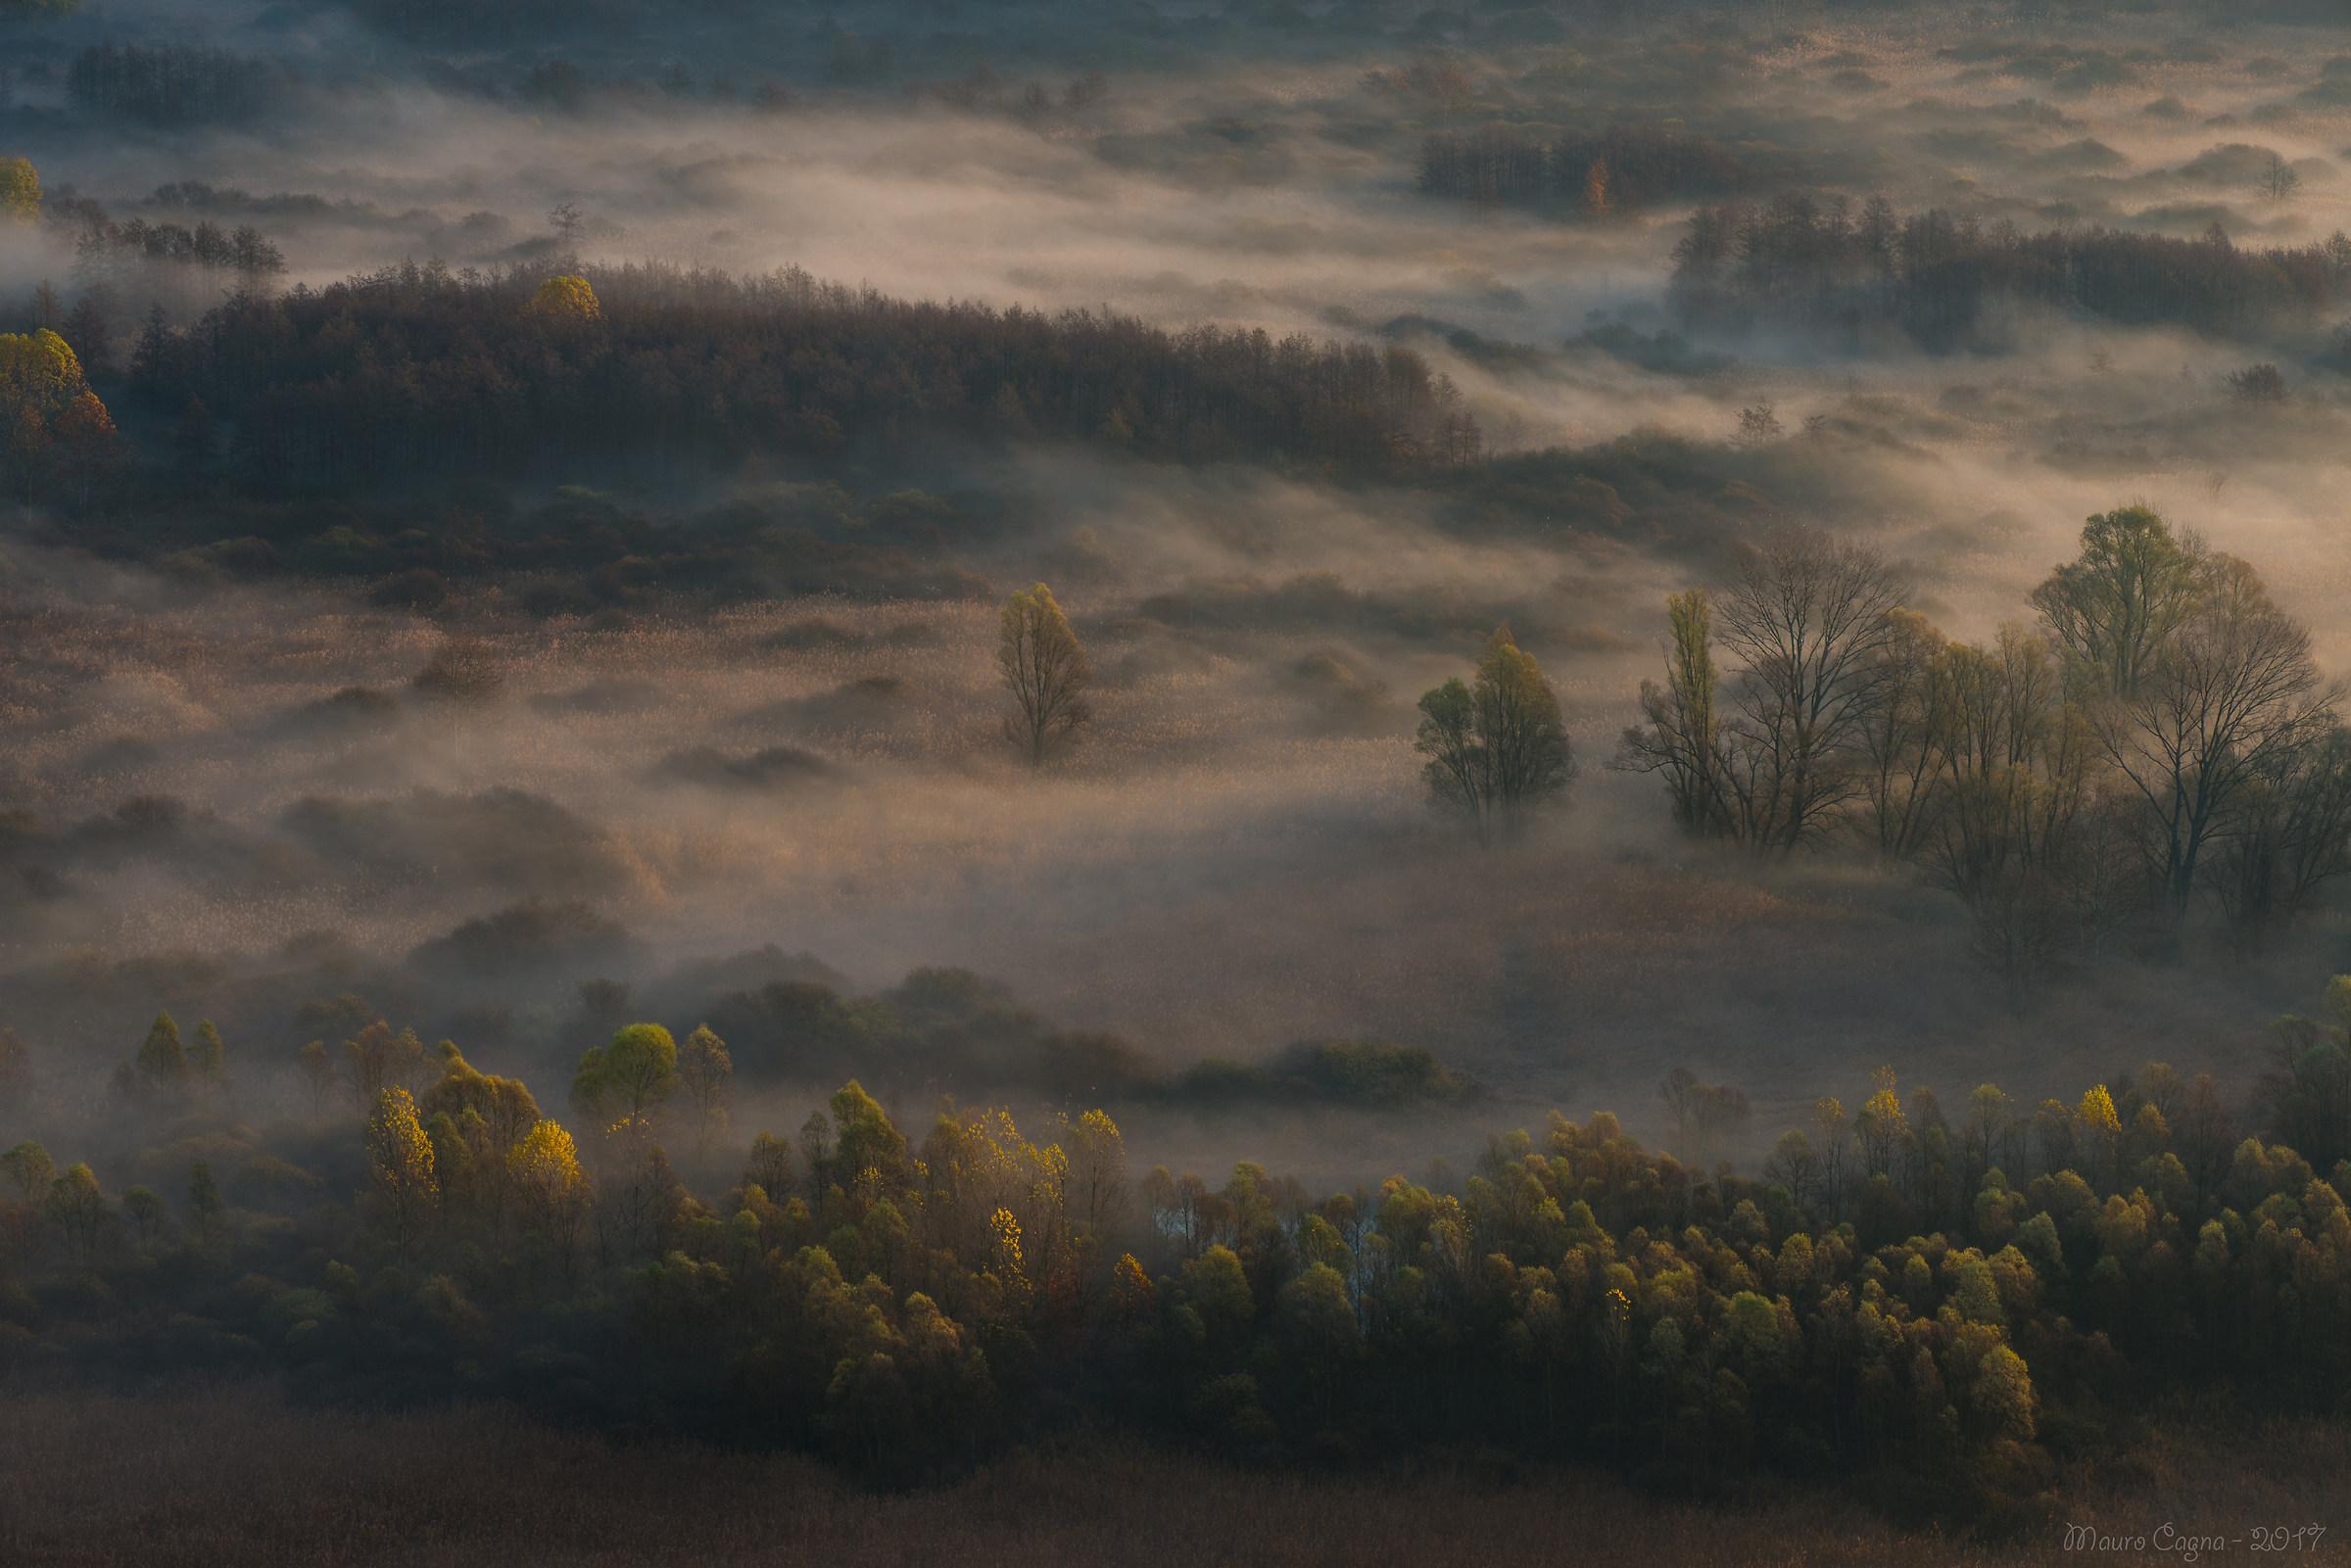 Airuno, nebbia nei boschi...